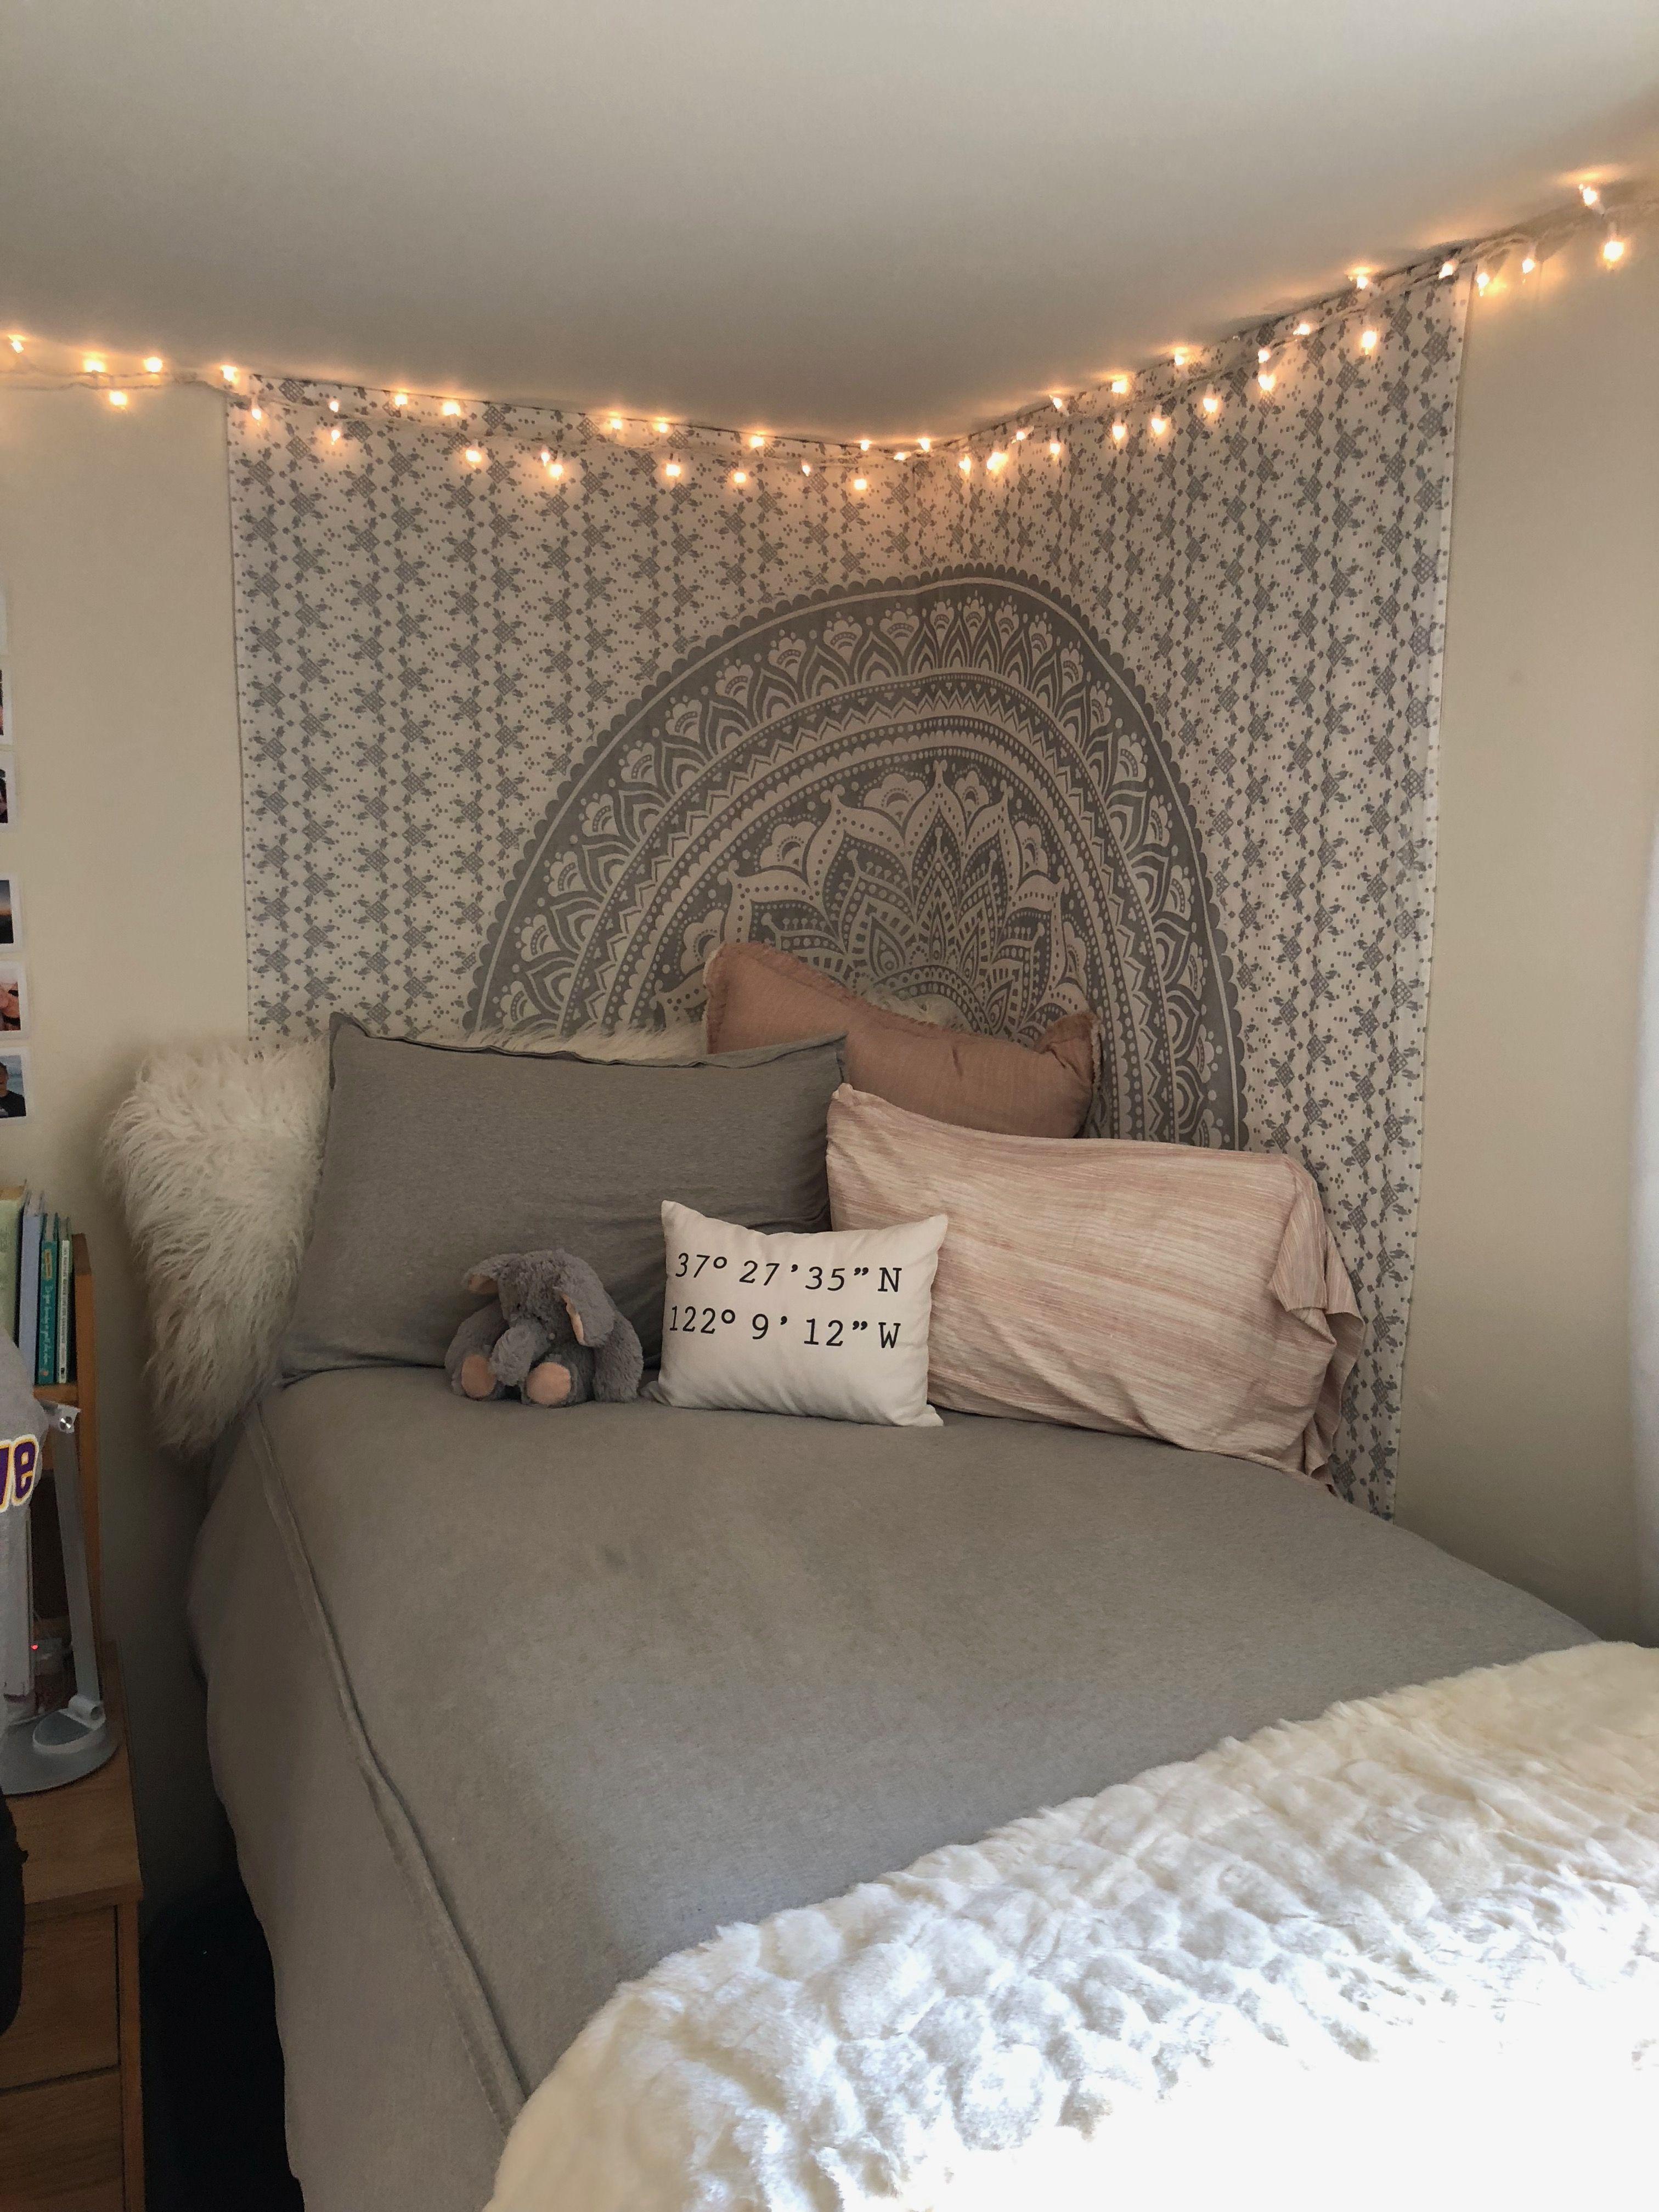 Dorm Room Tapestry In The Corner Stylish Dorm Room Dorm Room Designs Cute Dorm Rooms